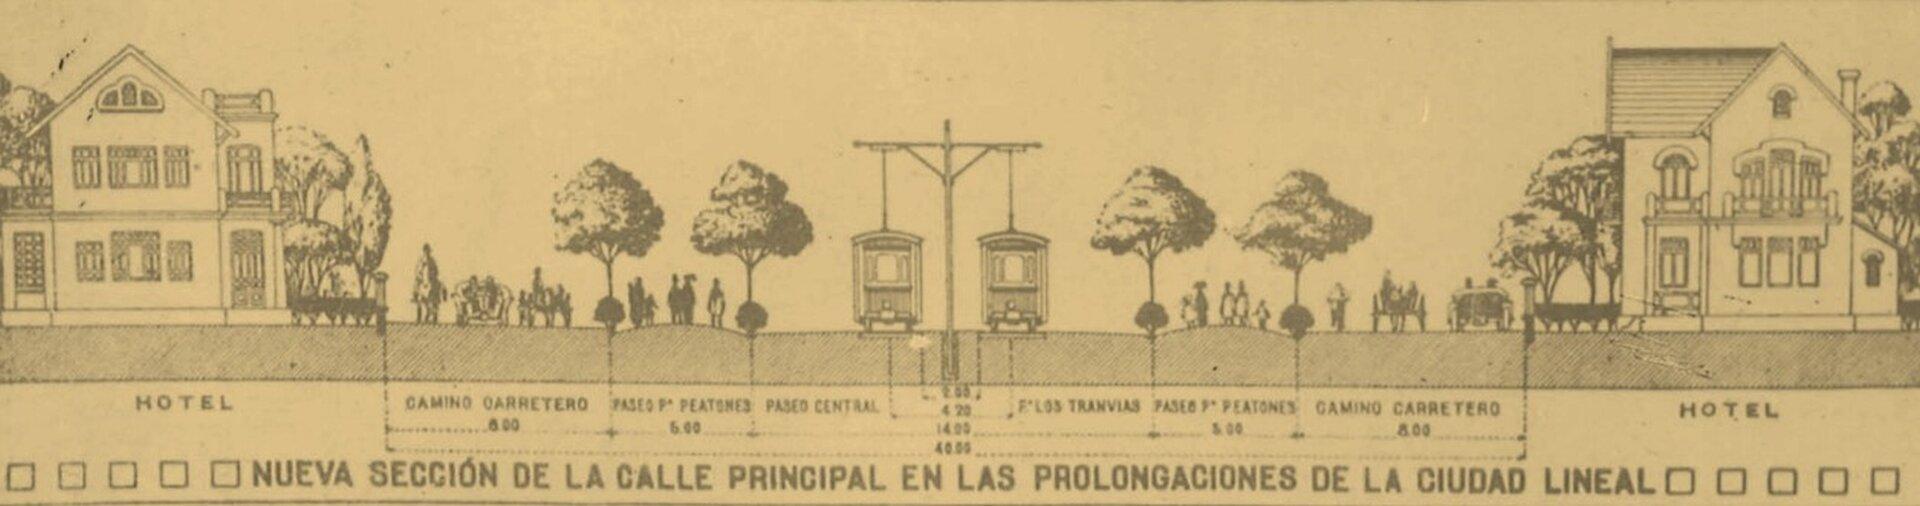 Ilustracja interaktywna przedstawia widok na przekrój głównej arterii komunikacyjnej. Po lewej iprawej stronie rysunku znajdują się dwa budynki, obok nich rosną drzewa. Wśrodkowej części ilustracji jest ulica, na której stoją dwa tramwaje. Wdolnej części znajdują się napisy. Na ilustracji umieszczony jest niebieski pulsujący punkt. Po kliknięciu kursorem myszki wpunkt wyświetlą się dodatkowe informacje.